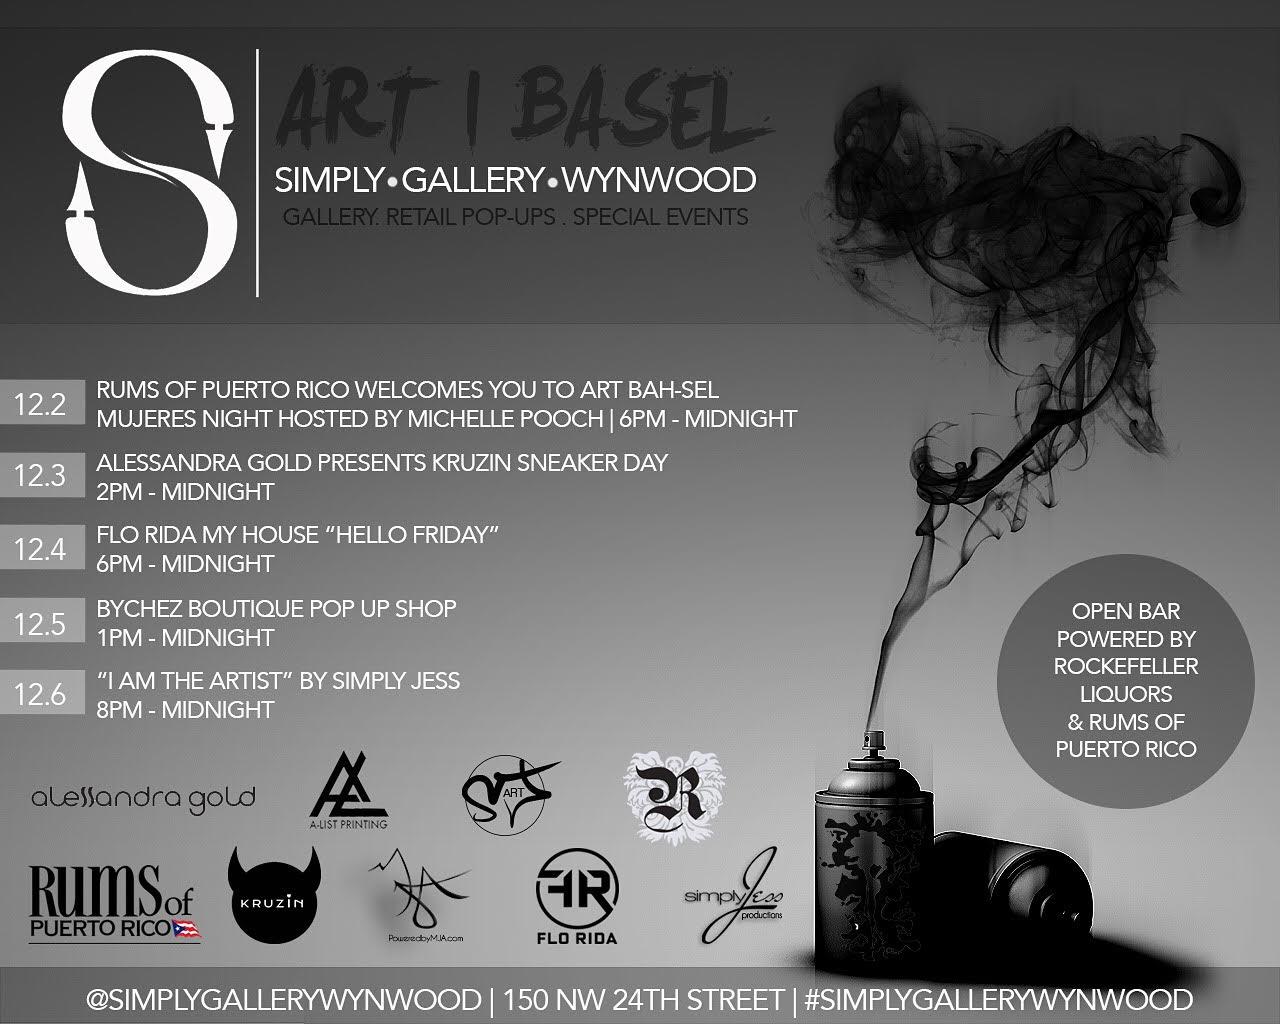 Simply Gallery Wynwood